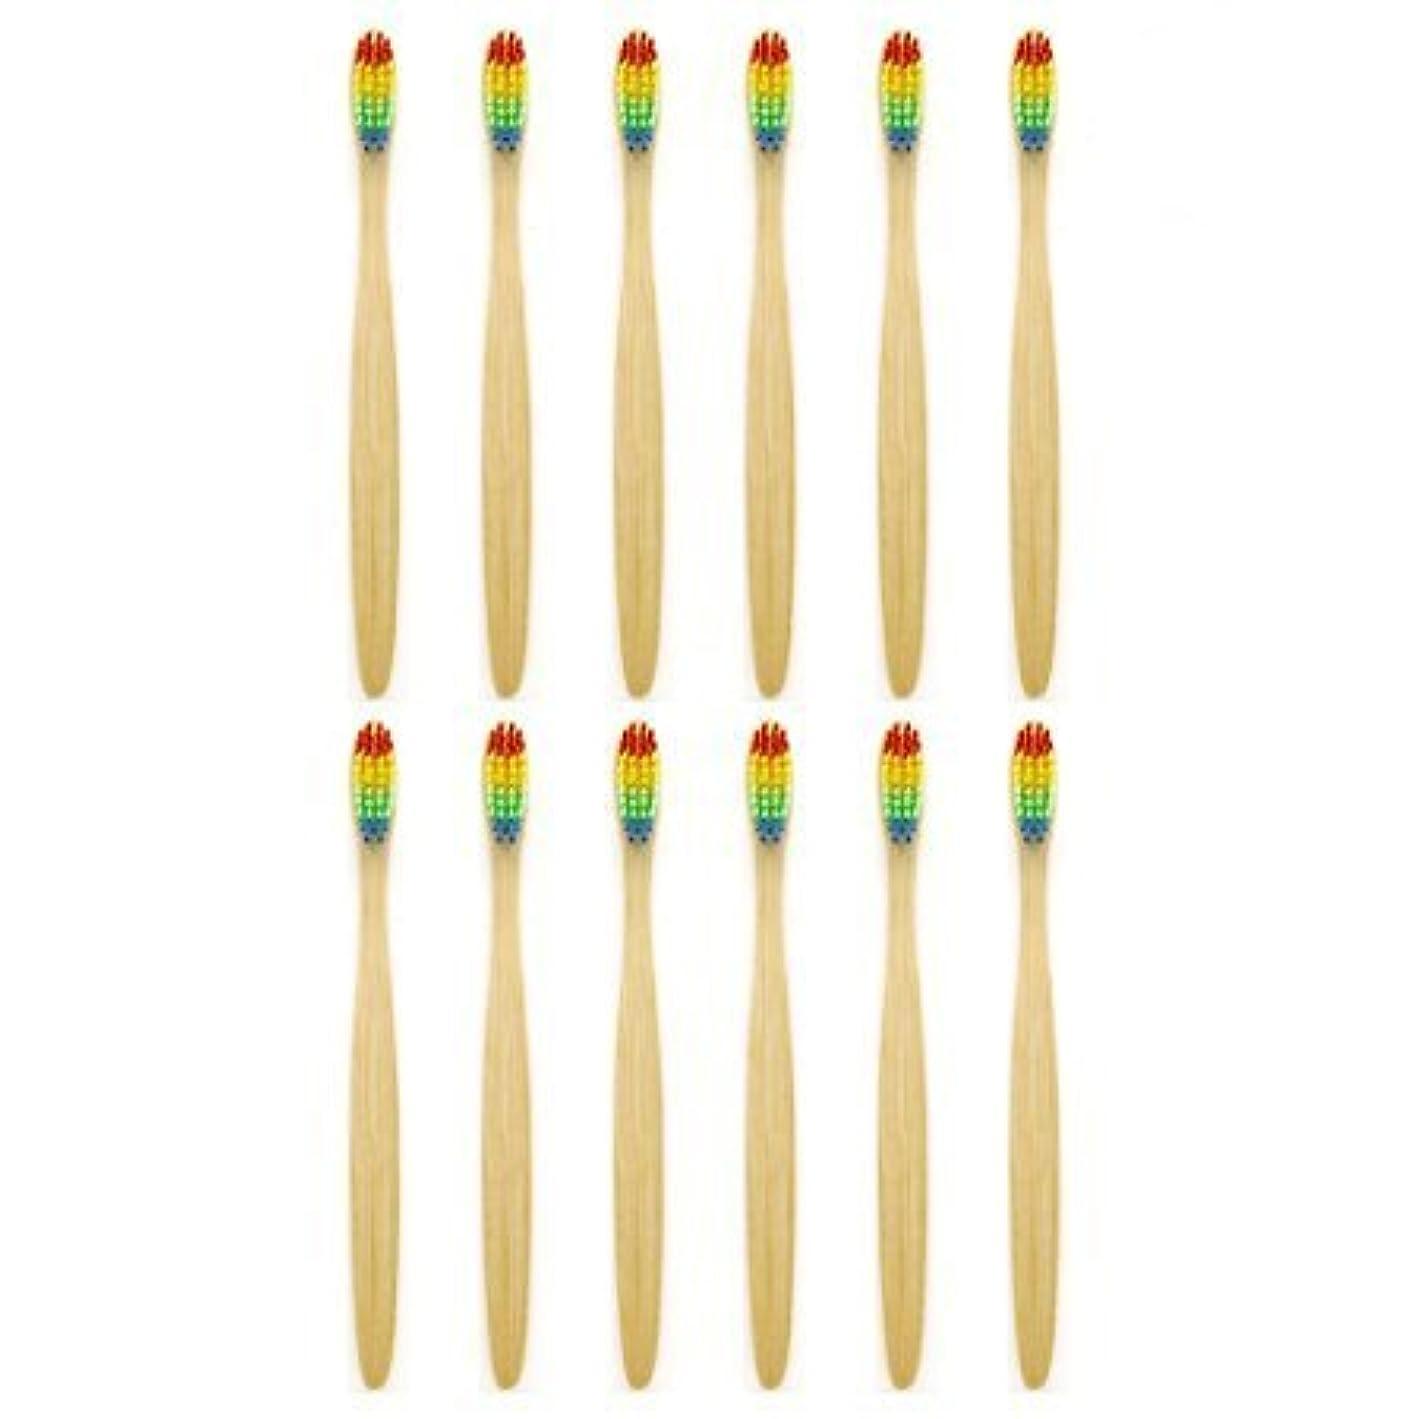 論理的に以上レイ天然竹歯ブラシGenkentリサイクル生分解性包装で環境にやさしい虹ナチュラル竹の歯ブラシはレインボーナイロン注入ブリストルで作られた(12本)